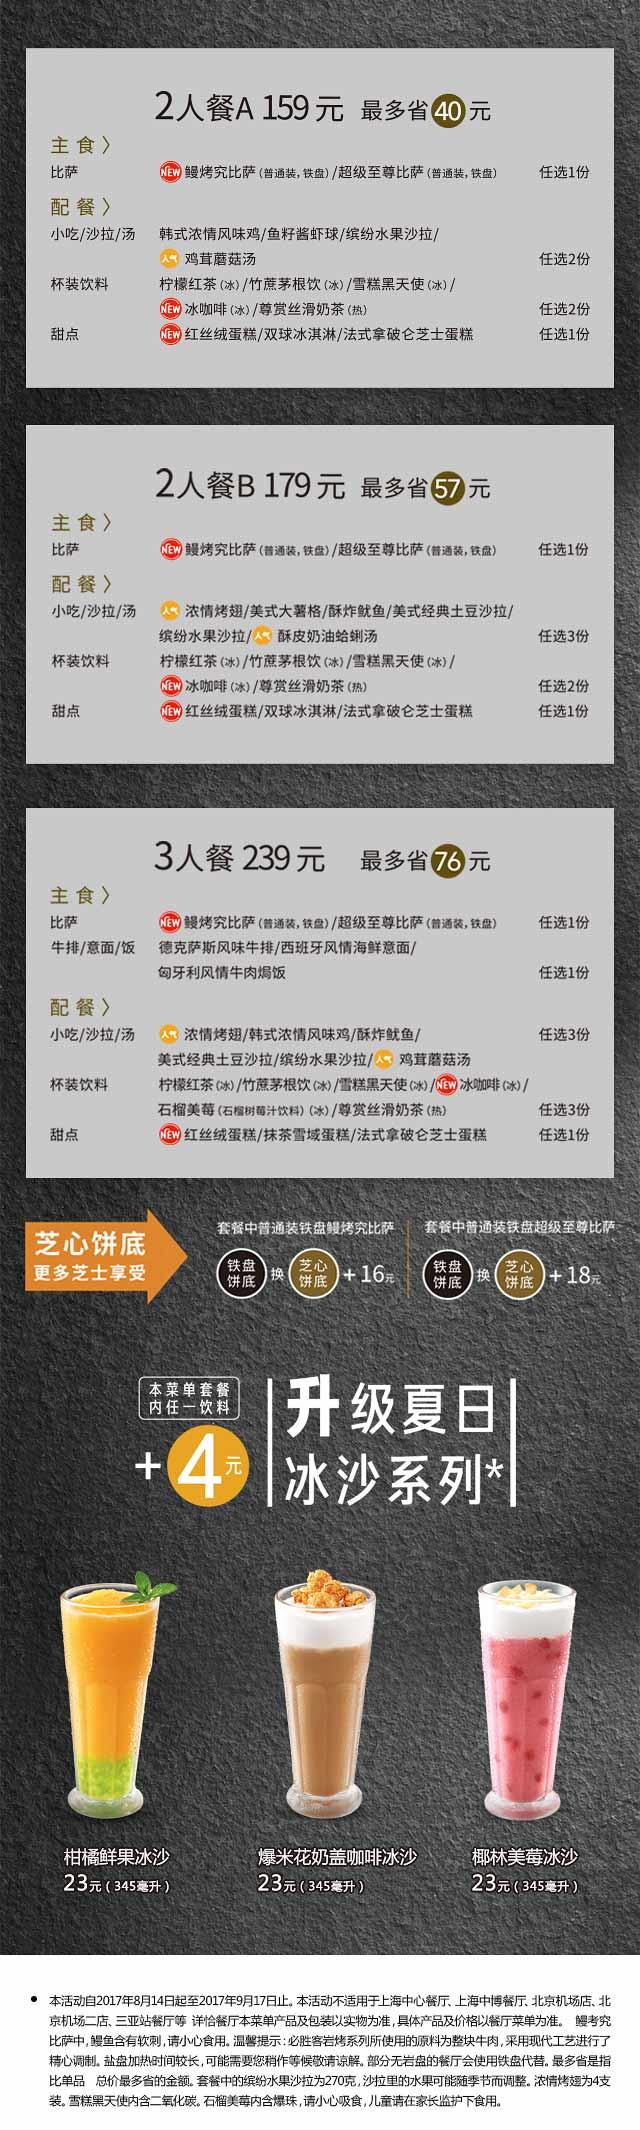 必胜客鳗烤究比萨套餐159元起,套餐+4元饮料升级夏日冰沙系列 有效期至:2017年9月17日 www.5ikfc.com